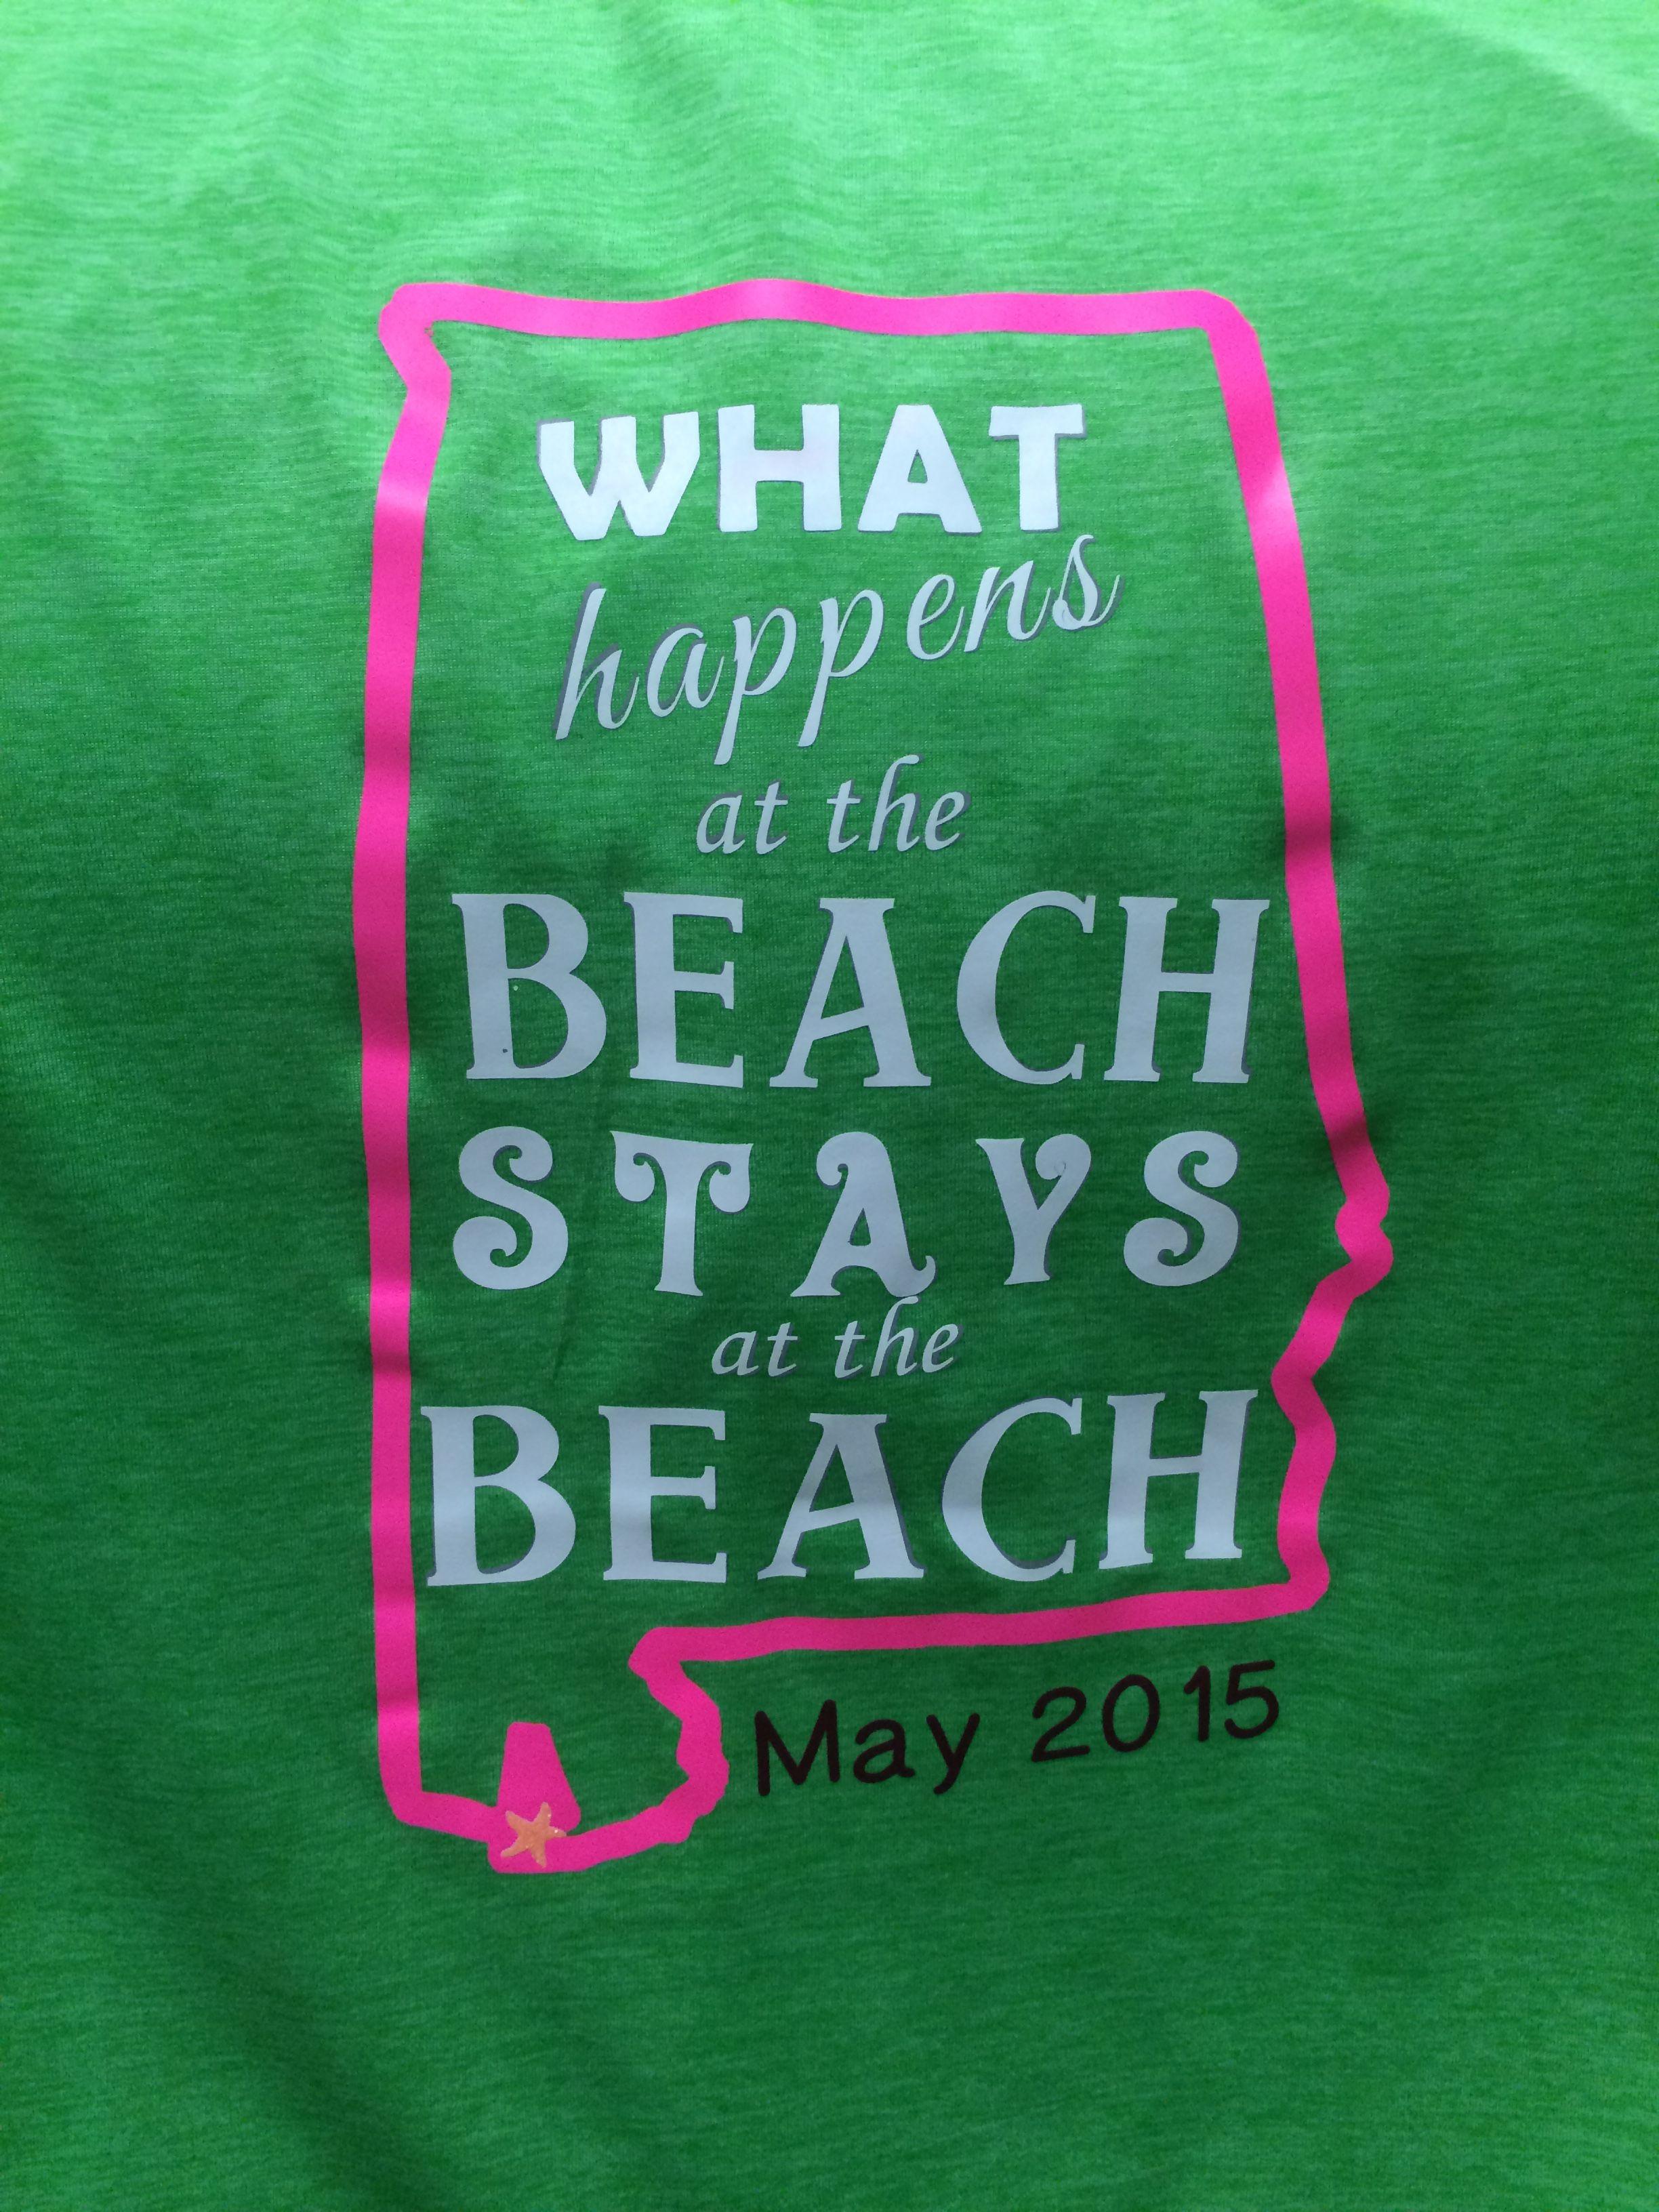 1051bbaa3 Girls Beach Trip T-Shirt idea.   Heat Transfer Vinyl Crafts   Beach ...